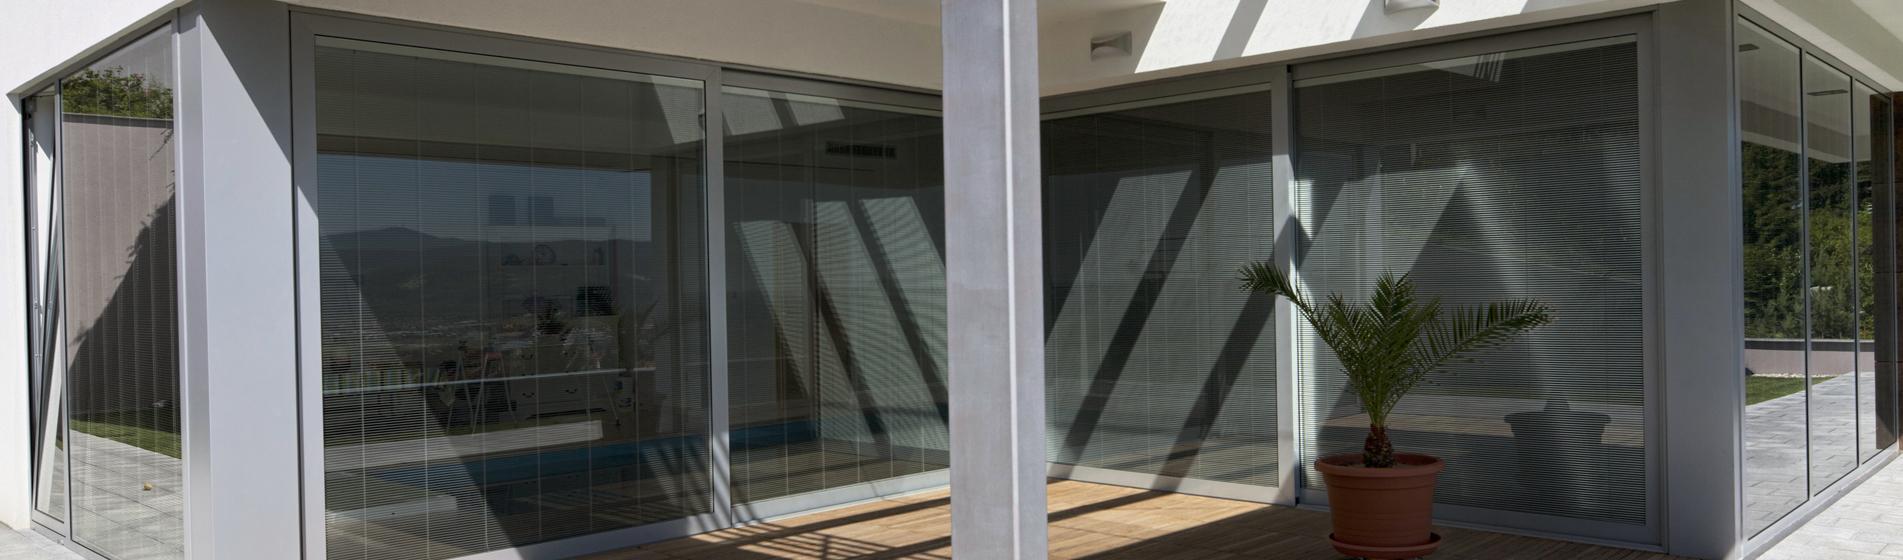 fabricant extension maison sur-mesure 13 Bouches-du-Rhône